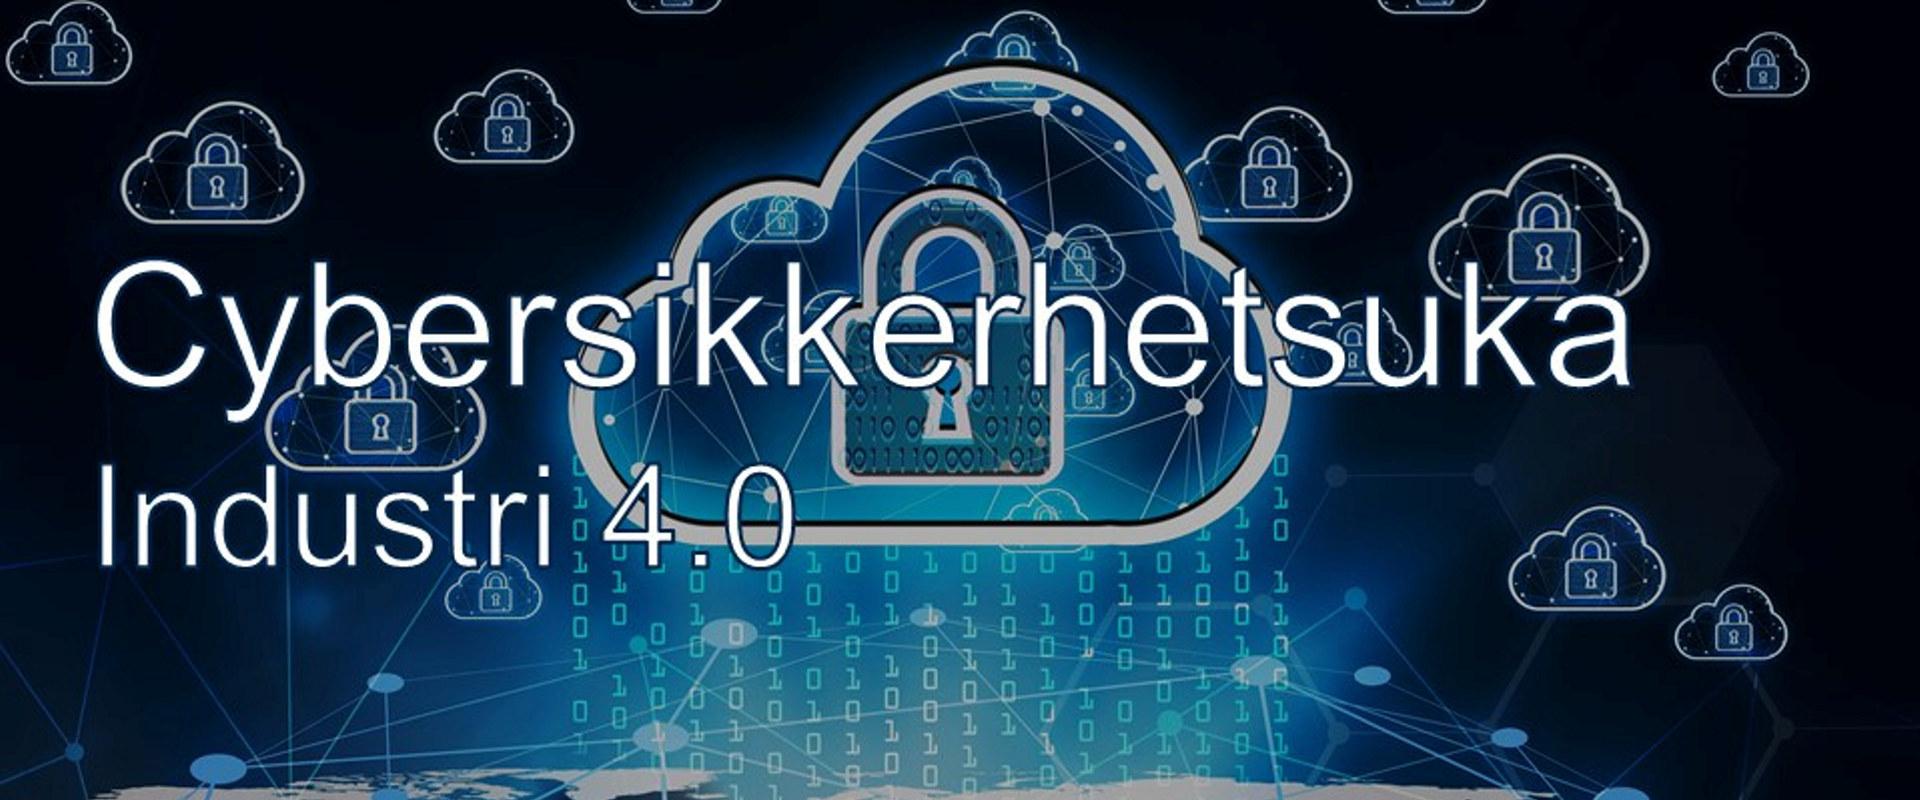 Cybersikkerhetsuka banner